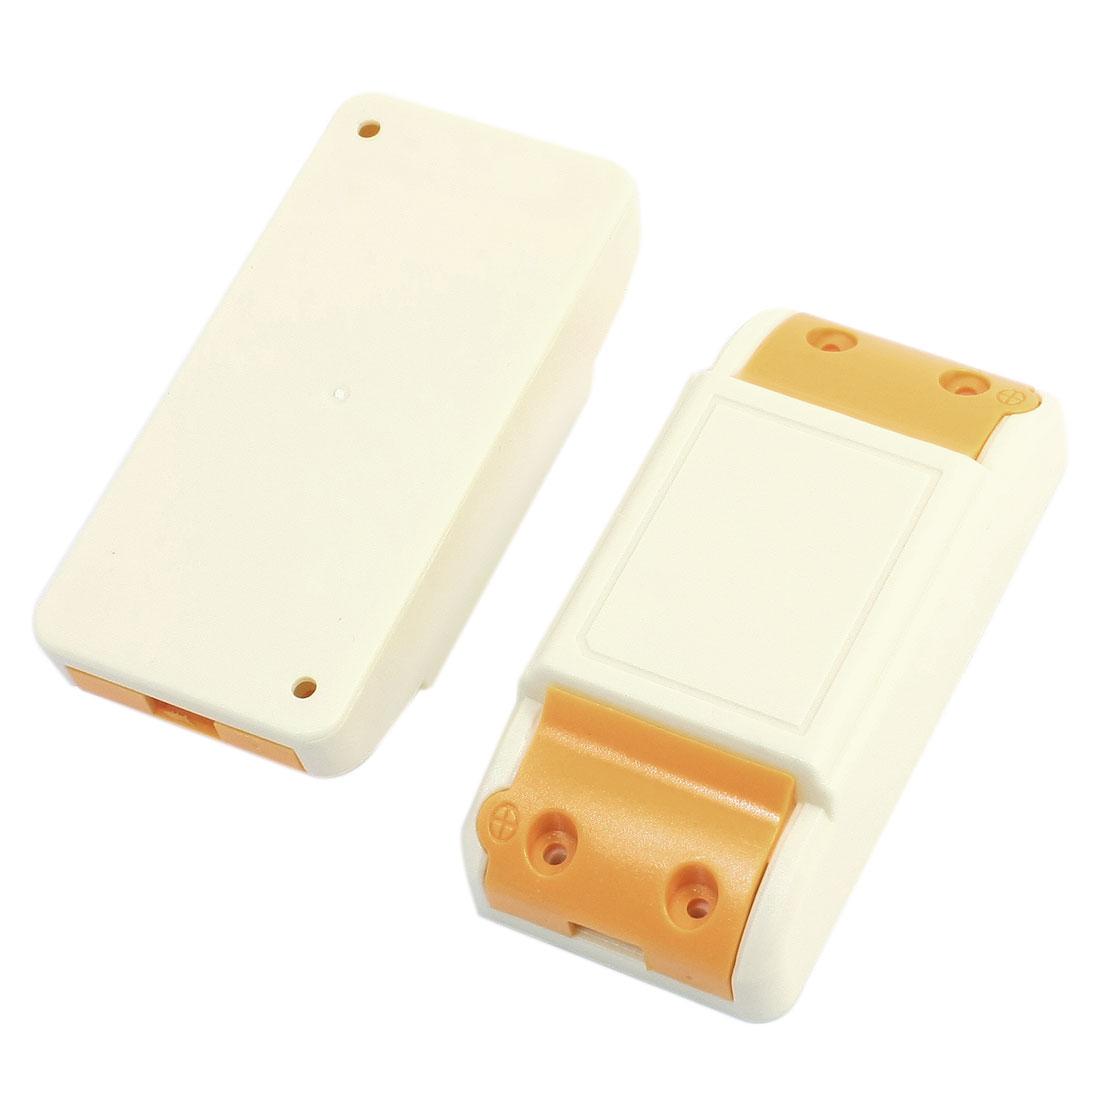 2PCS Beige Orange 94x45x27mm LED Driver Plastic Junction Case Box